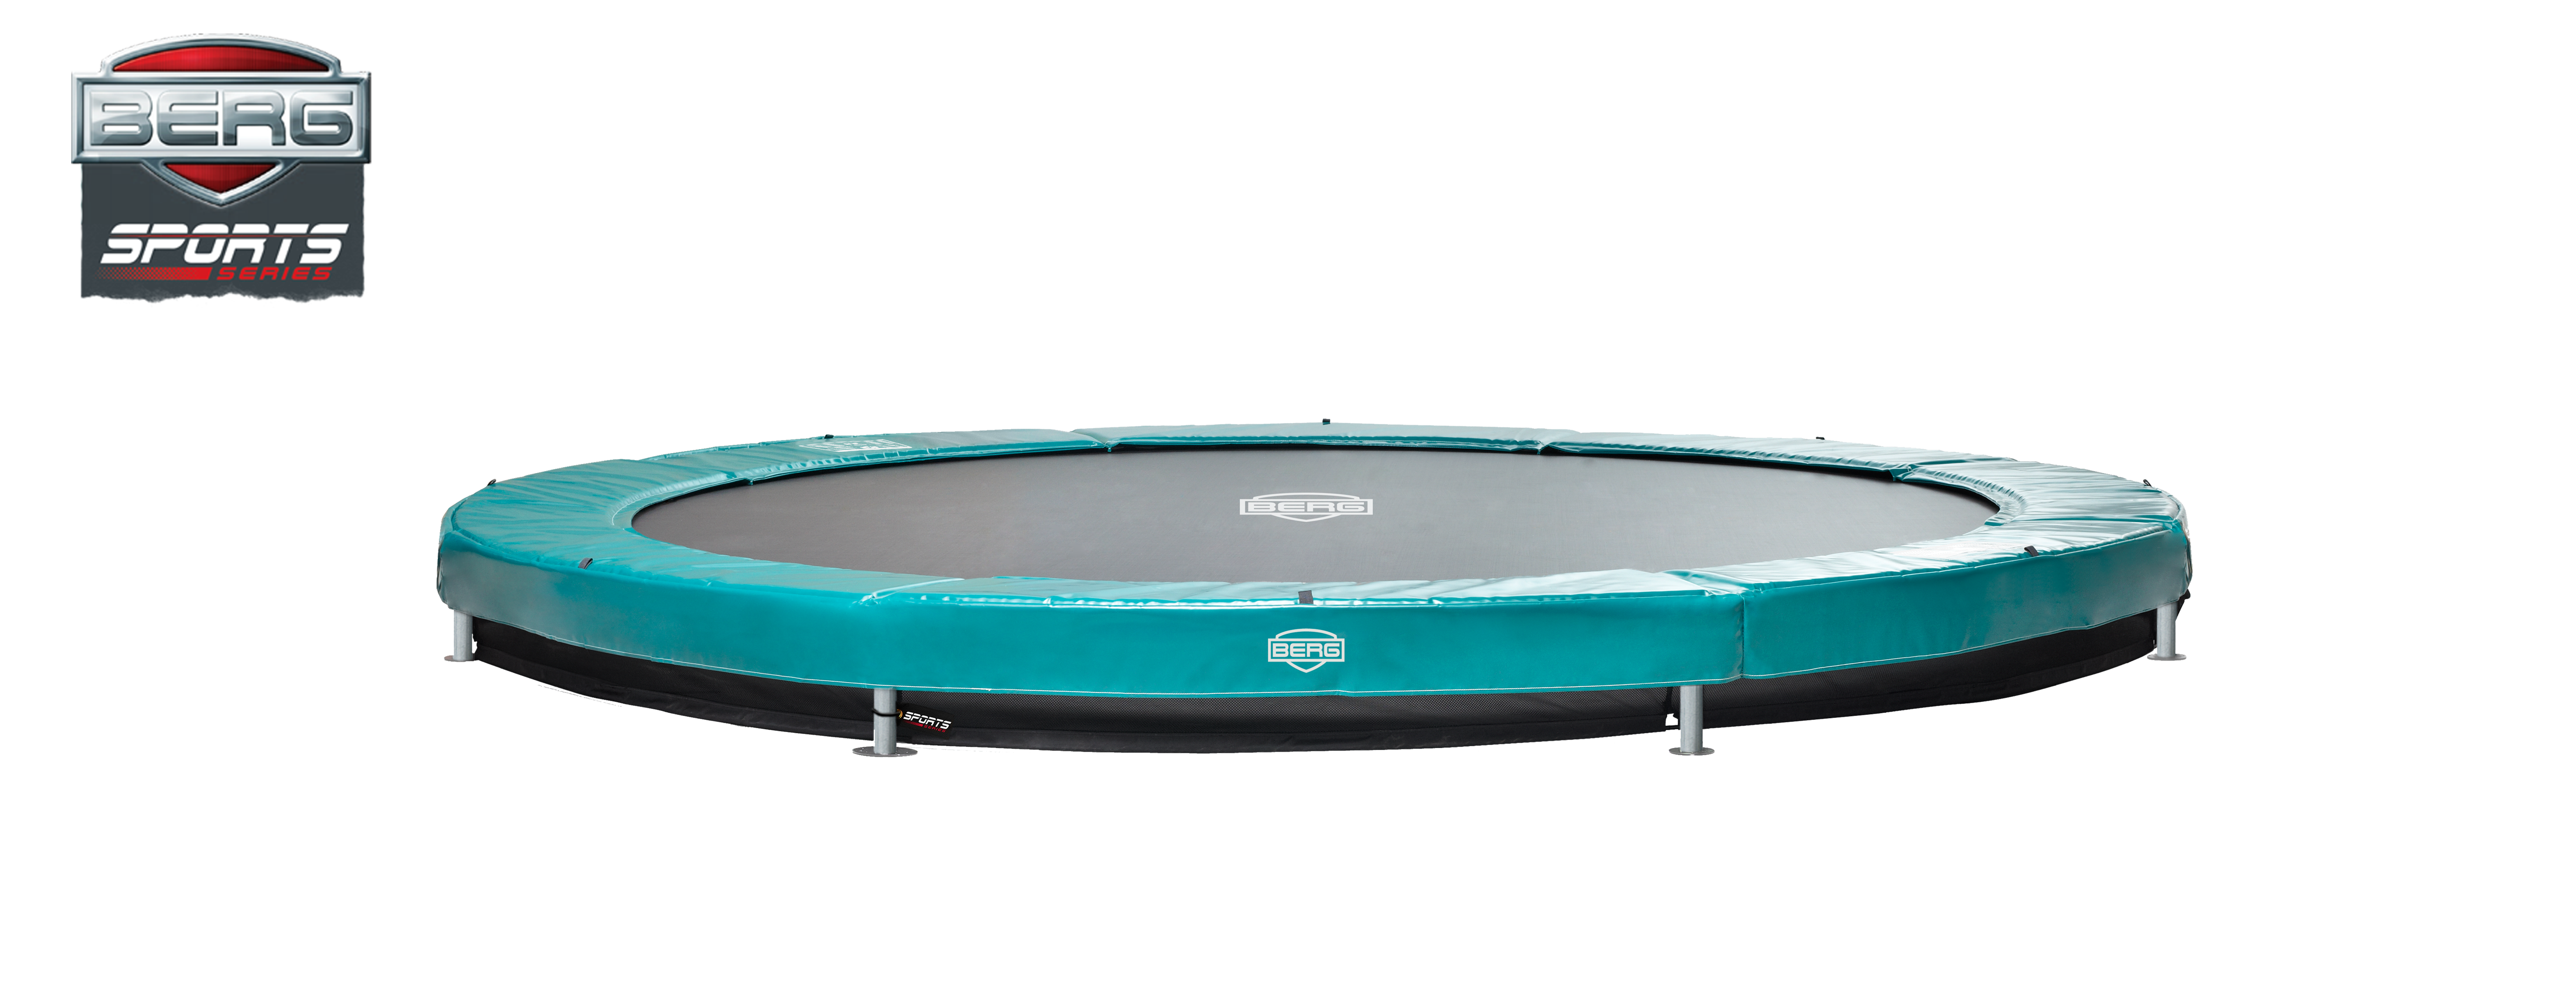 Berg Elite+ trampolin til nedgravning grøn - 330 cm